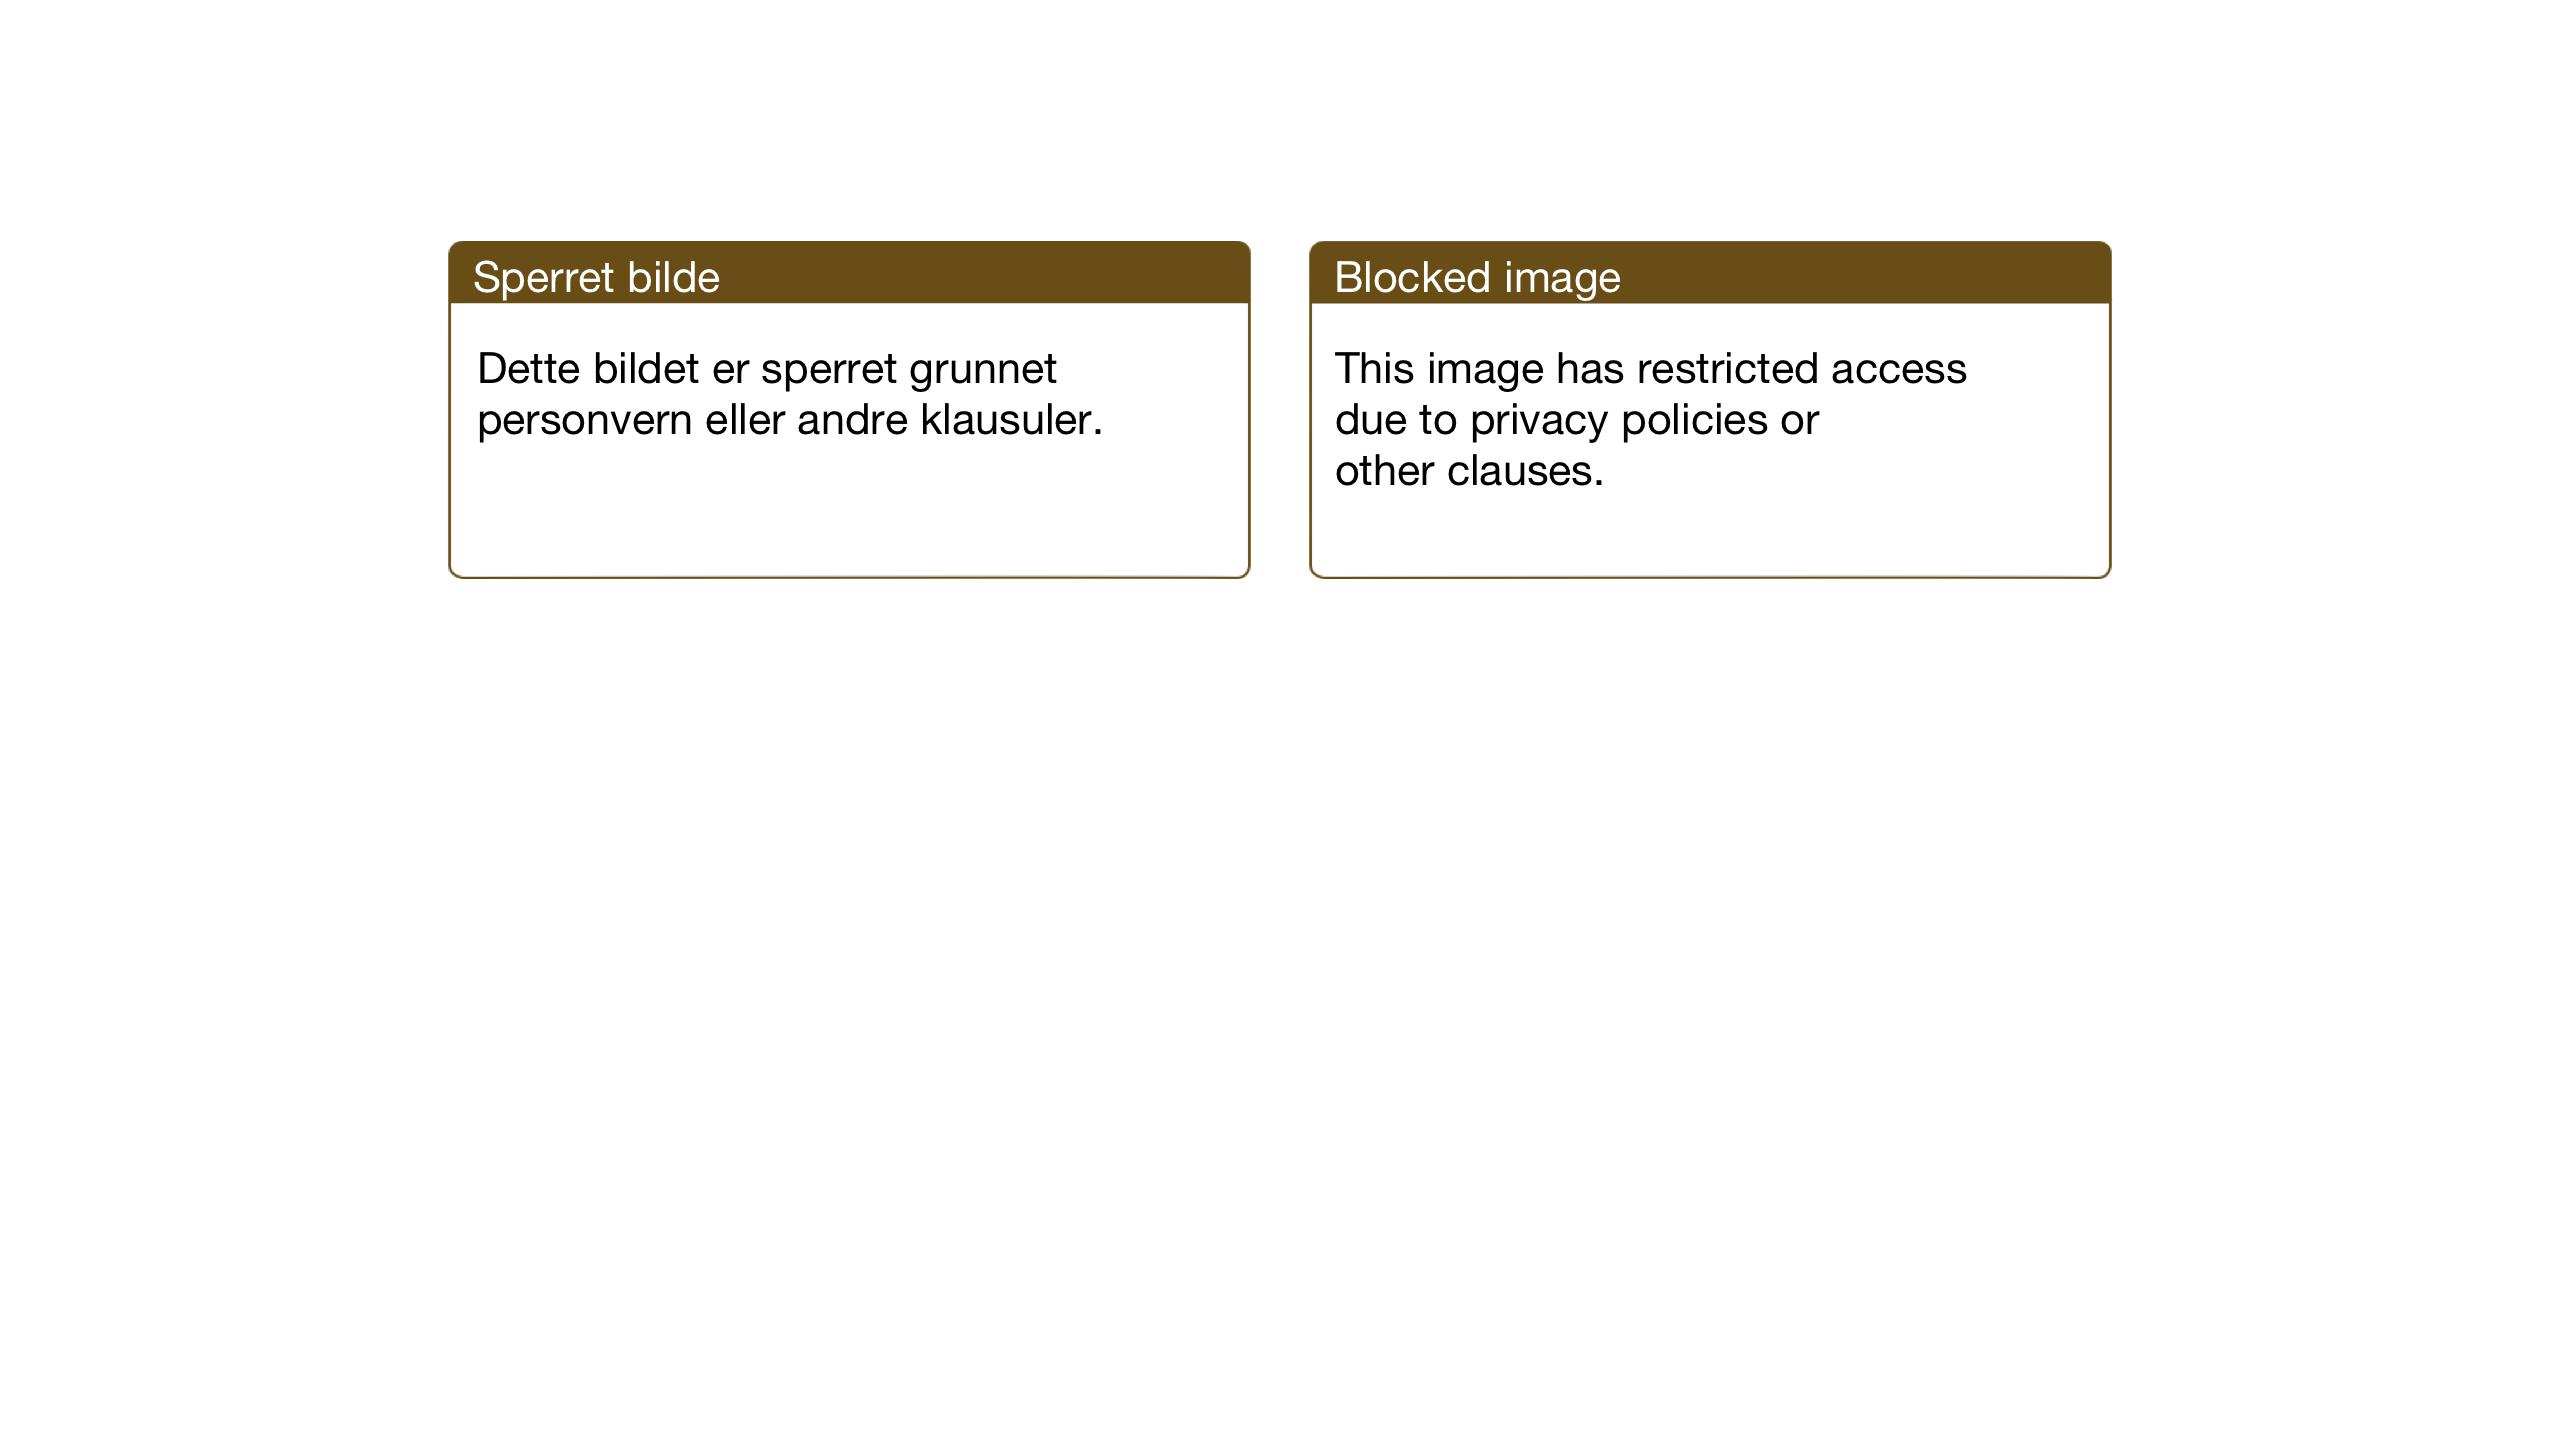 SAT, Ministerialprotokoller, klokkerbøker og fødselsregistre - Sør-Trøndelag, 694/L1134: Klokkerbok nr. 694C06, 1915-1937, s. 72